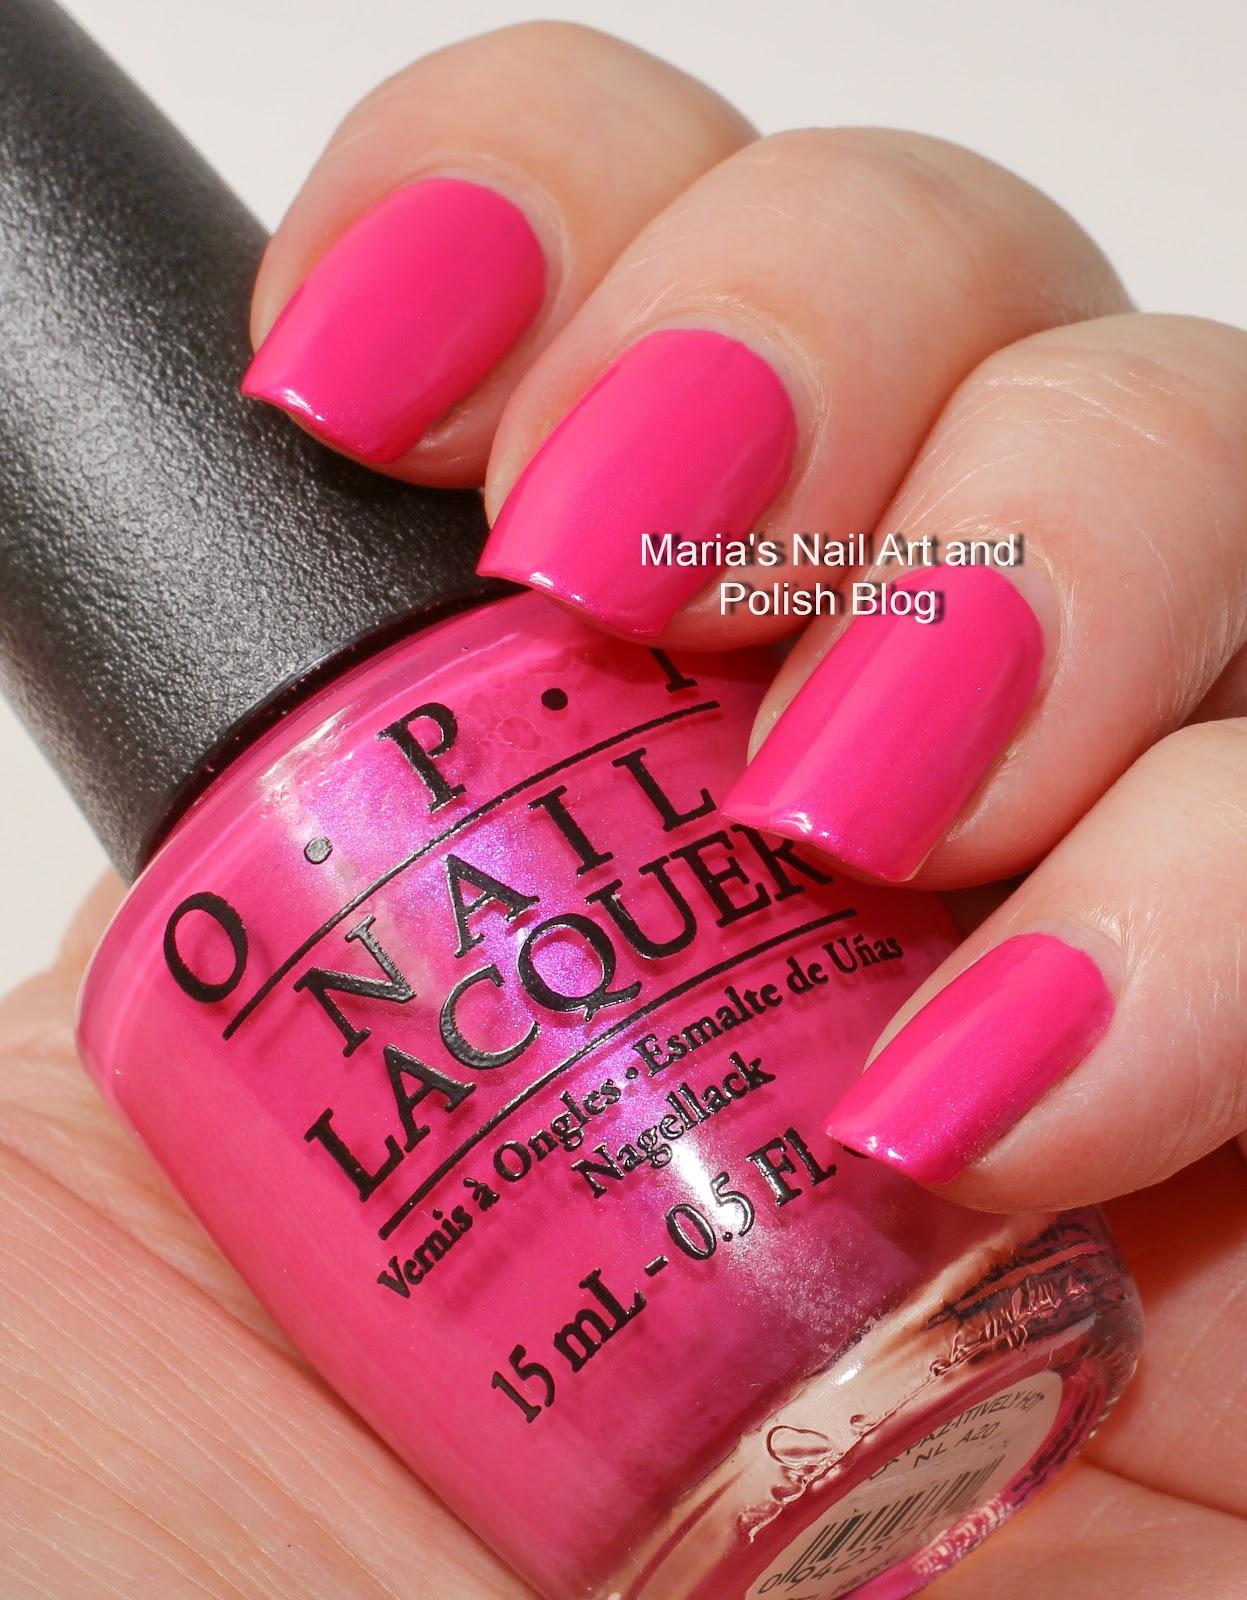 marias nail art and polish blog: opi la paz-itively hot and la paz